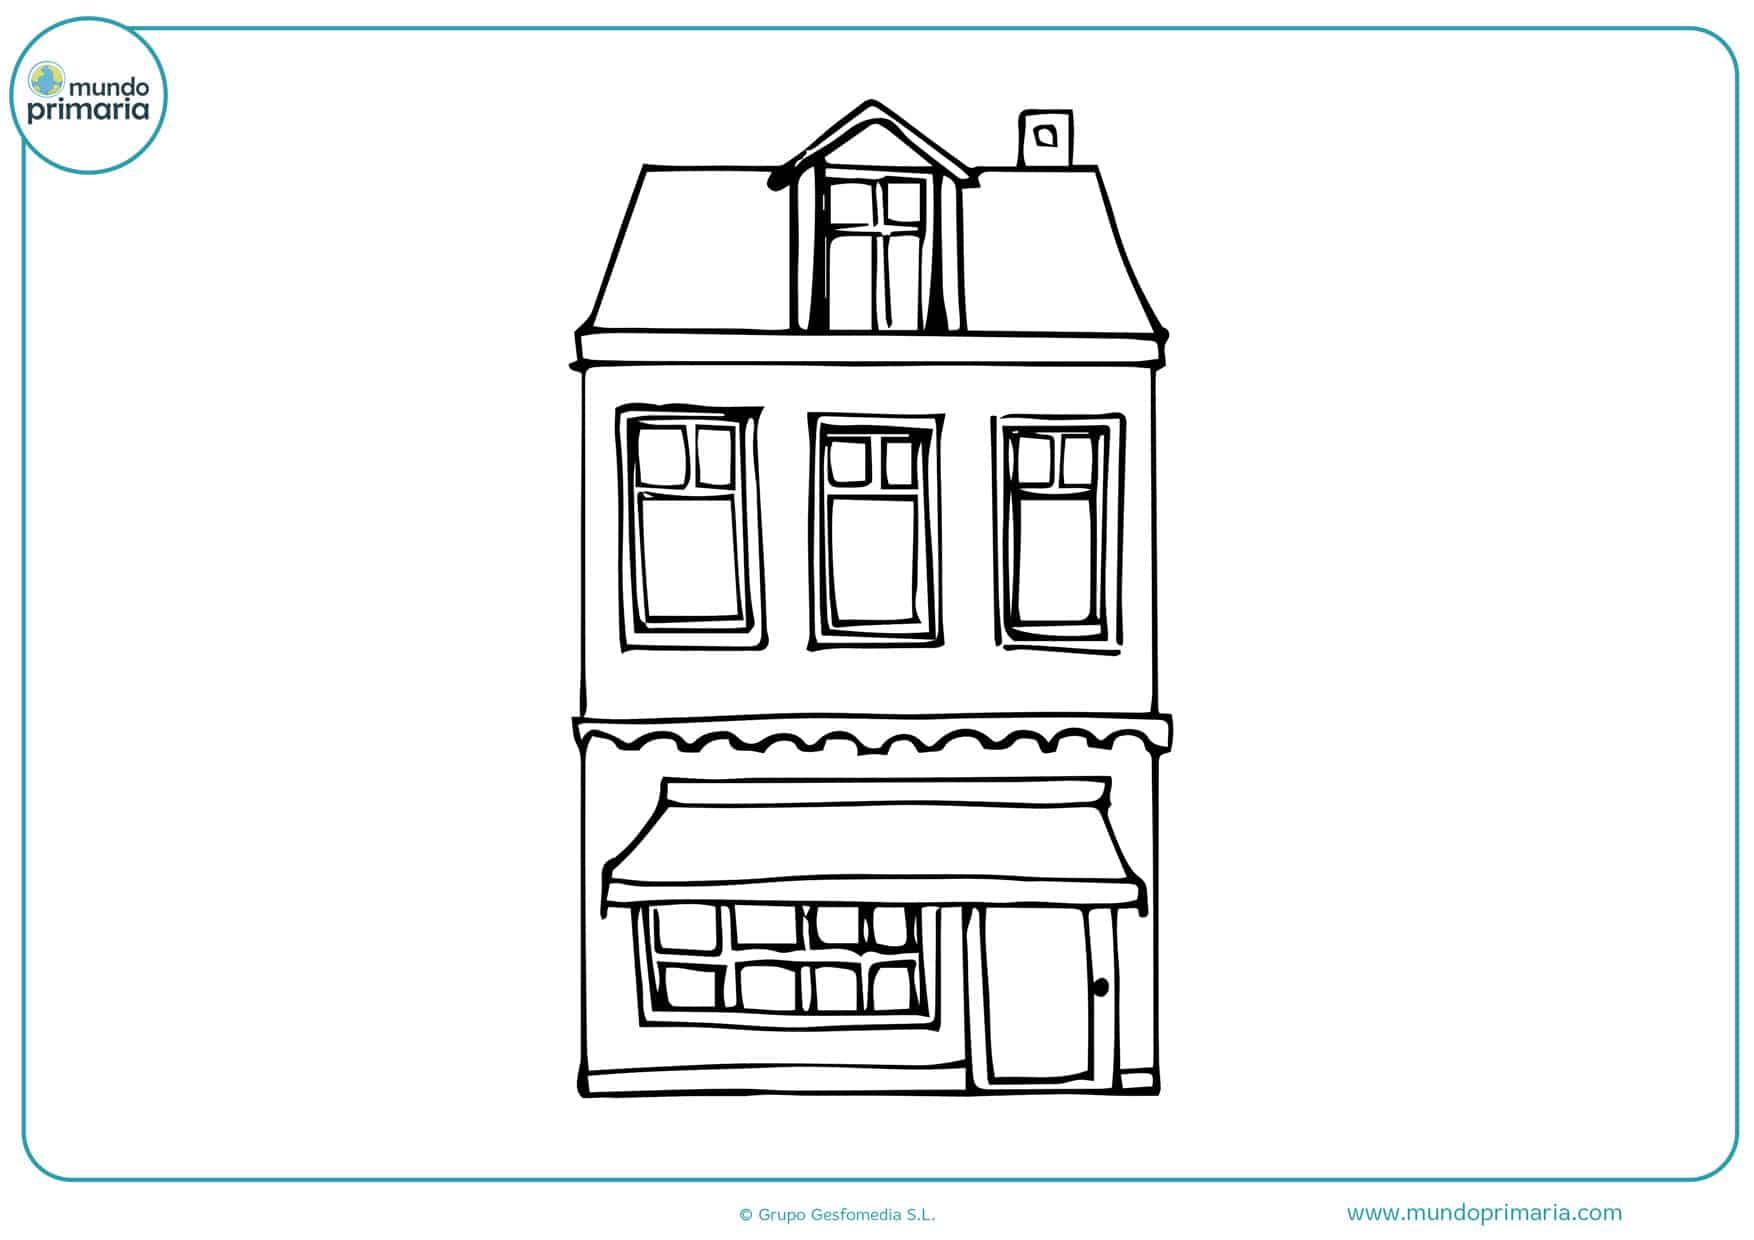 dibujos para colorear e imprimir de casas